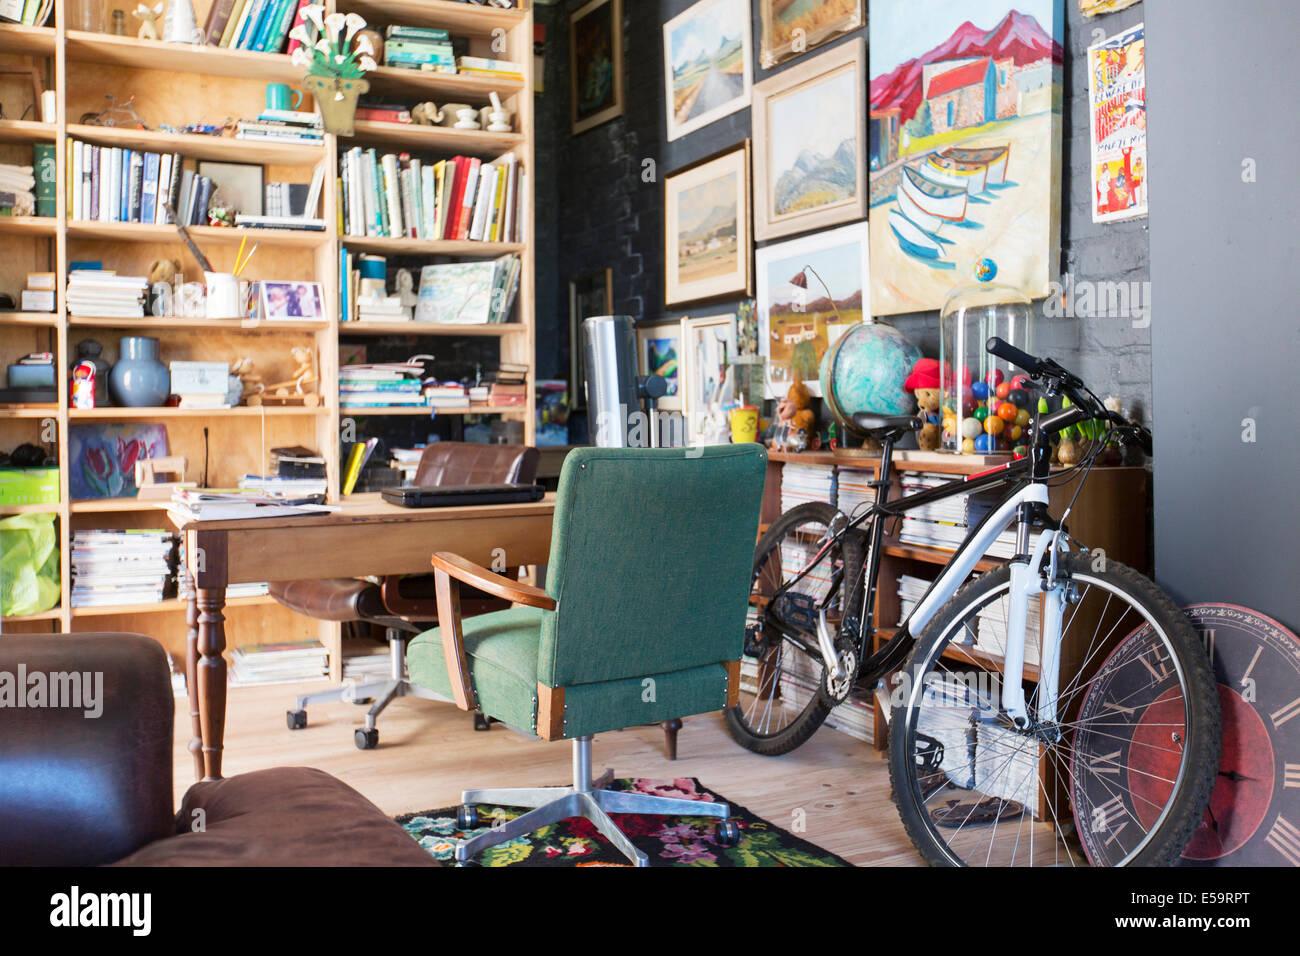 Bureau, étagères et de location dans l'étude Photo Stock